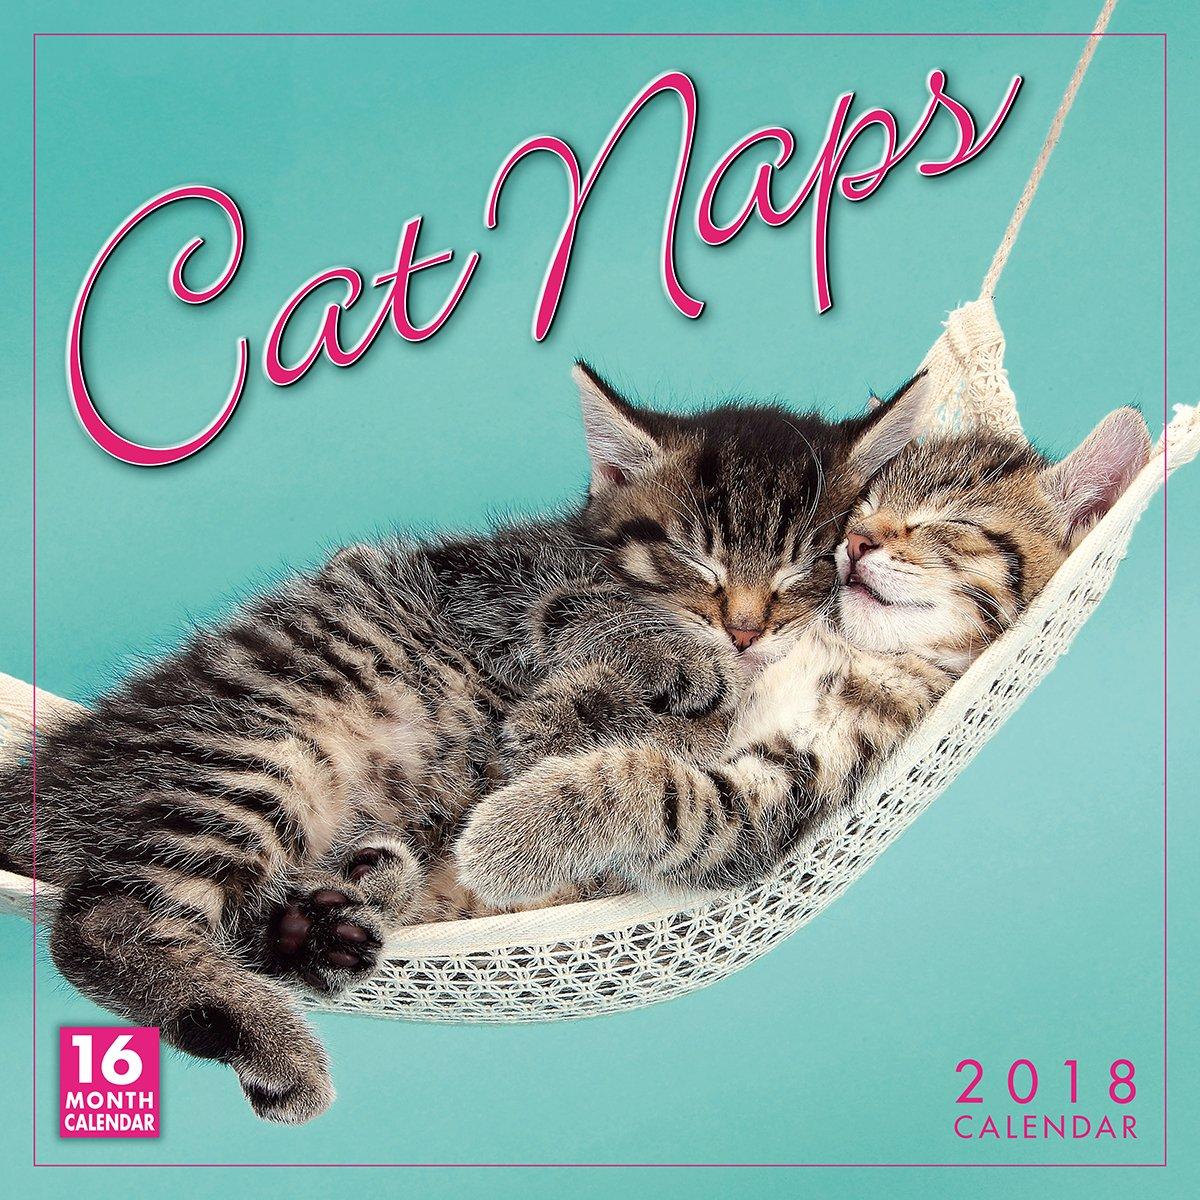 Cat Naps 2018 Wall Calendar (CA0114)